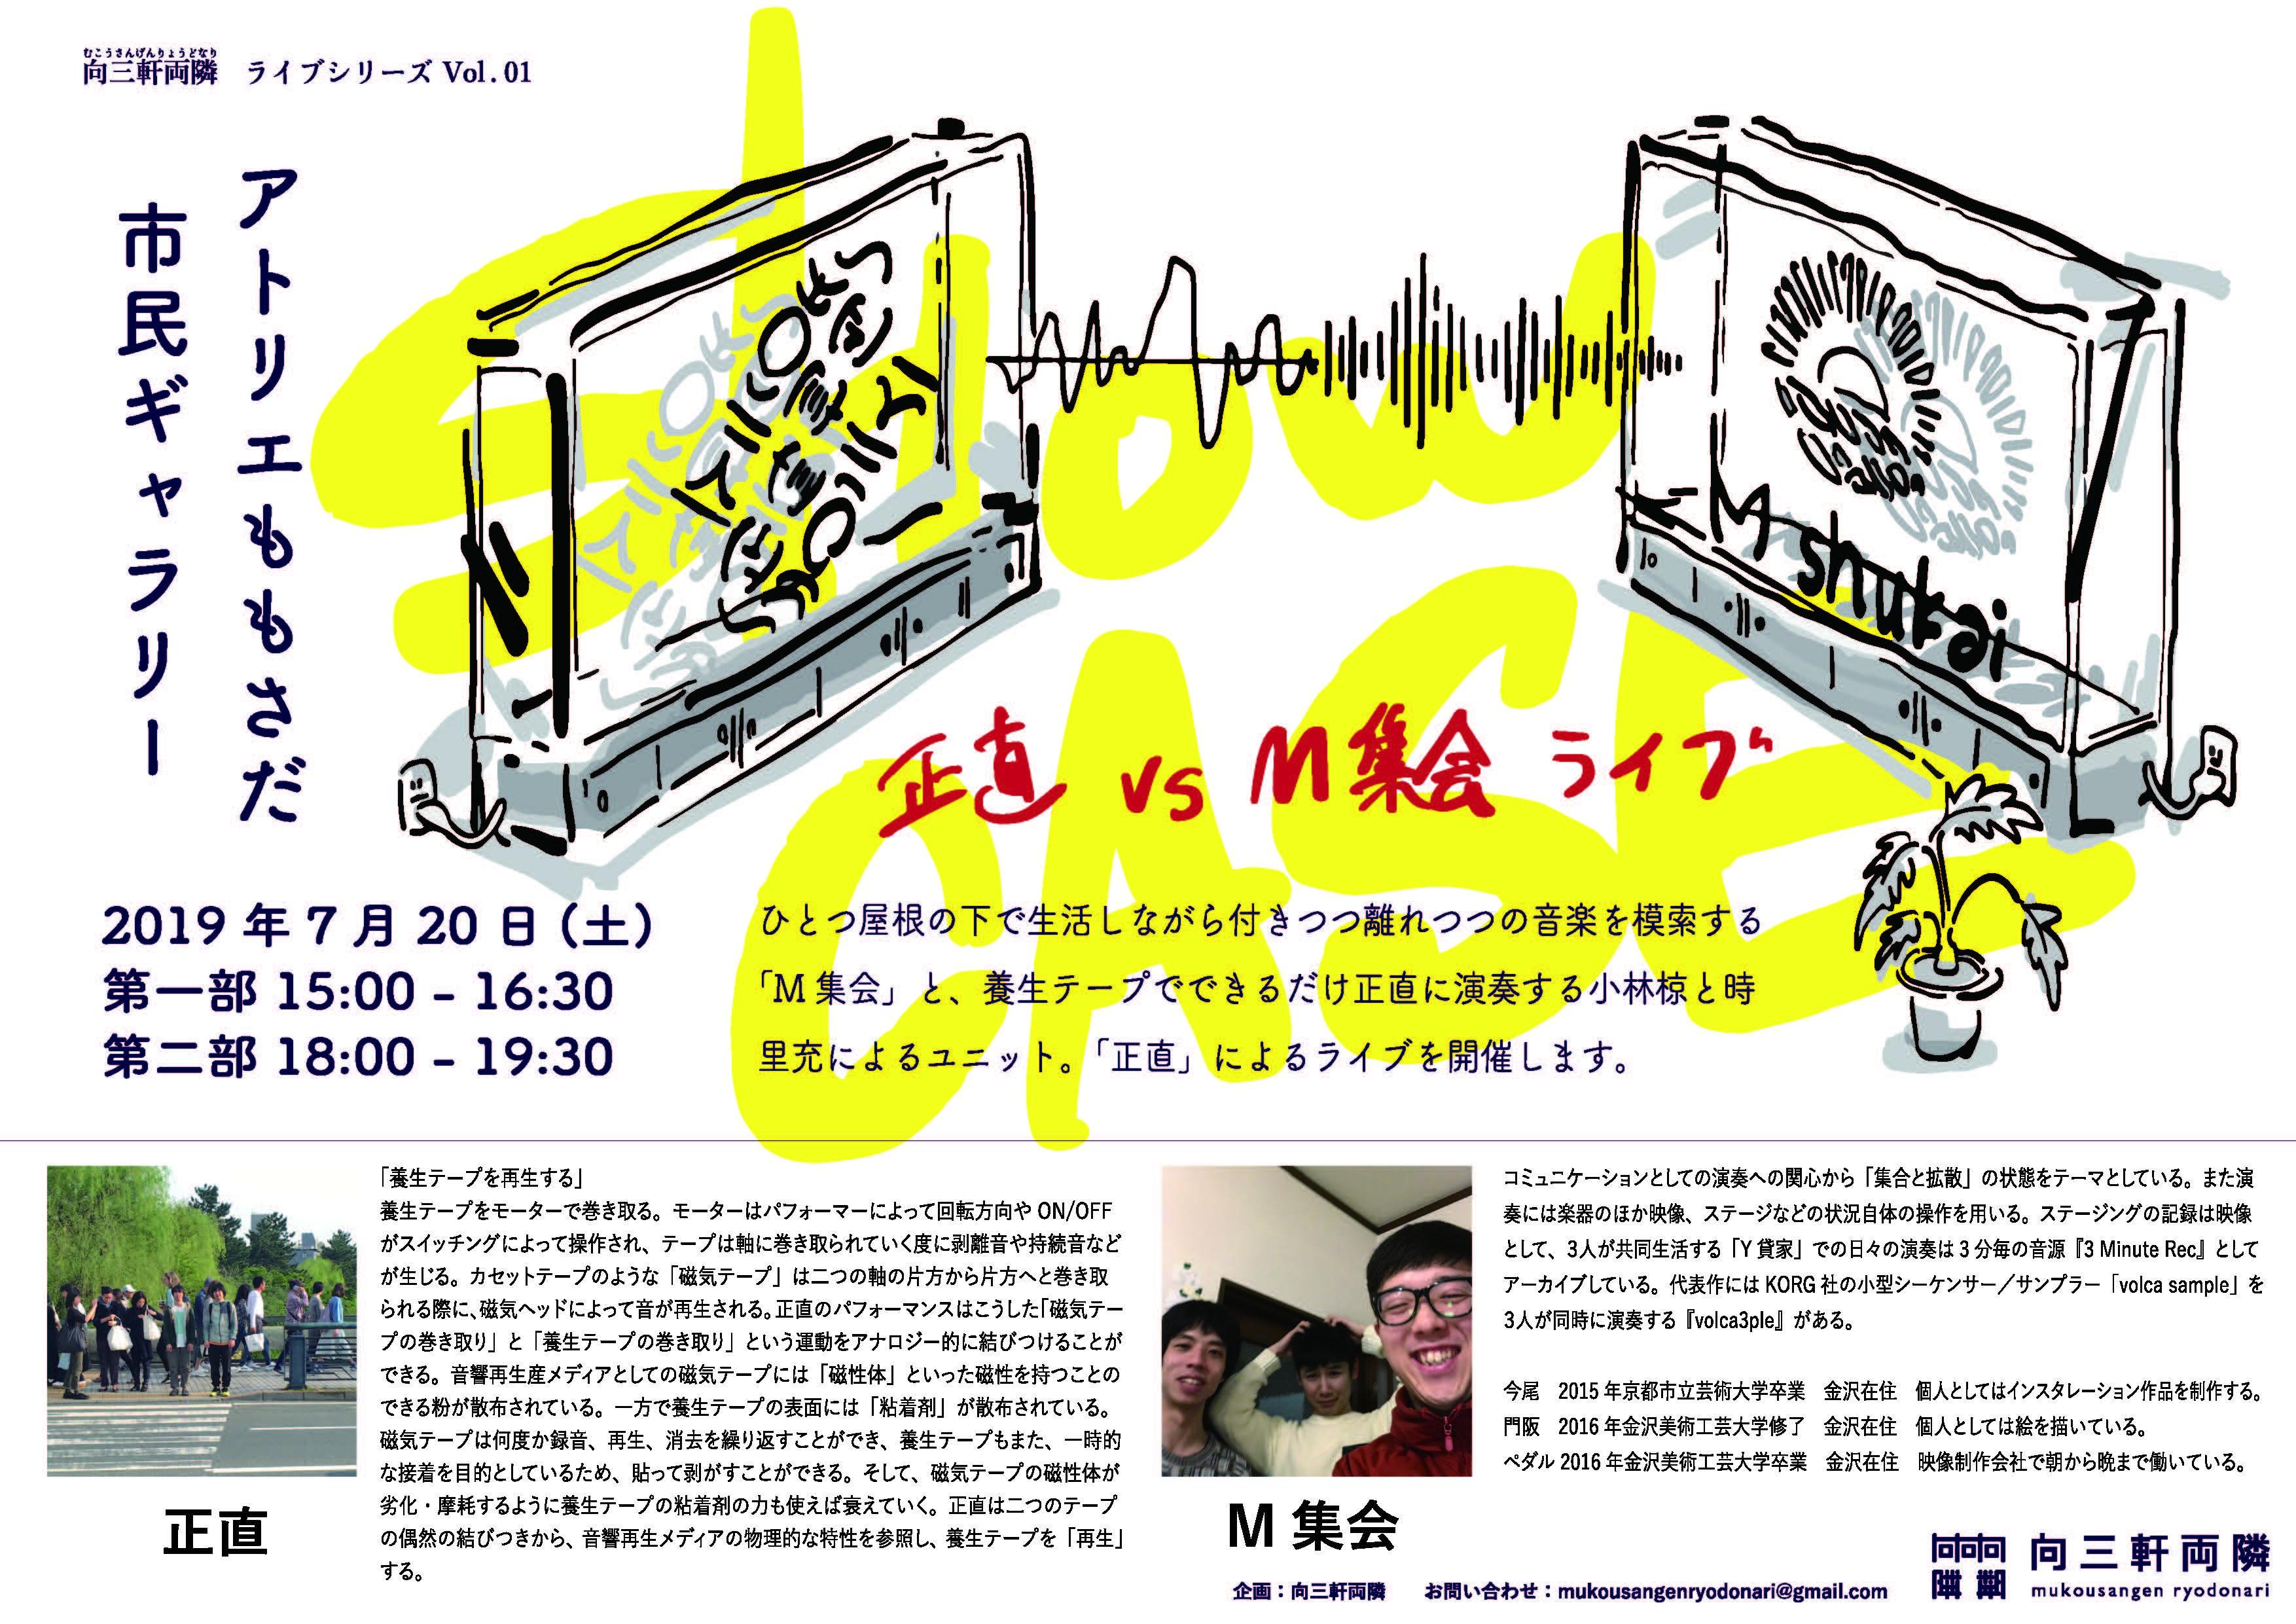 向三軒両隣ライブシリーズ2019 Vol.01 正直 vs M集会 LIVE「SHOWCASE」